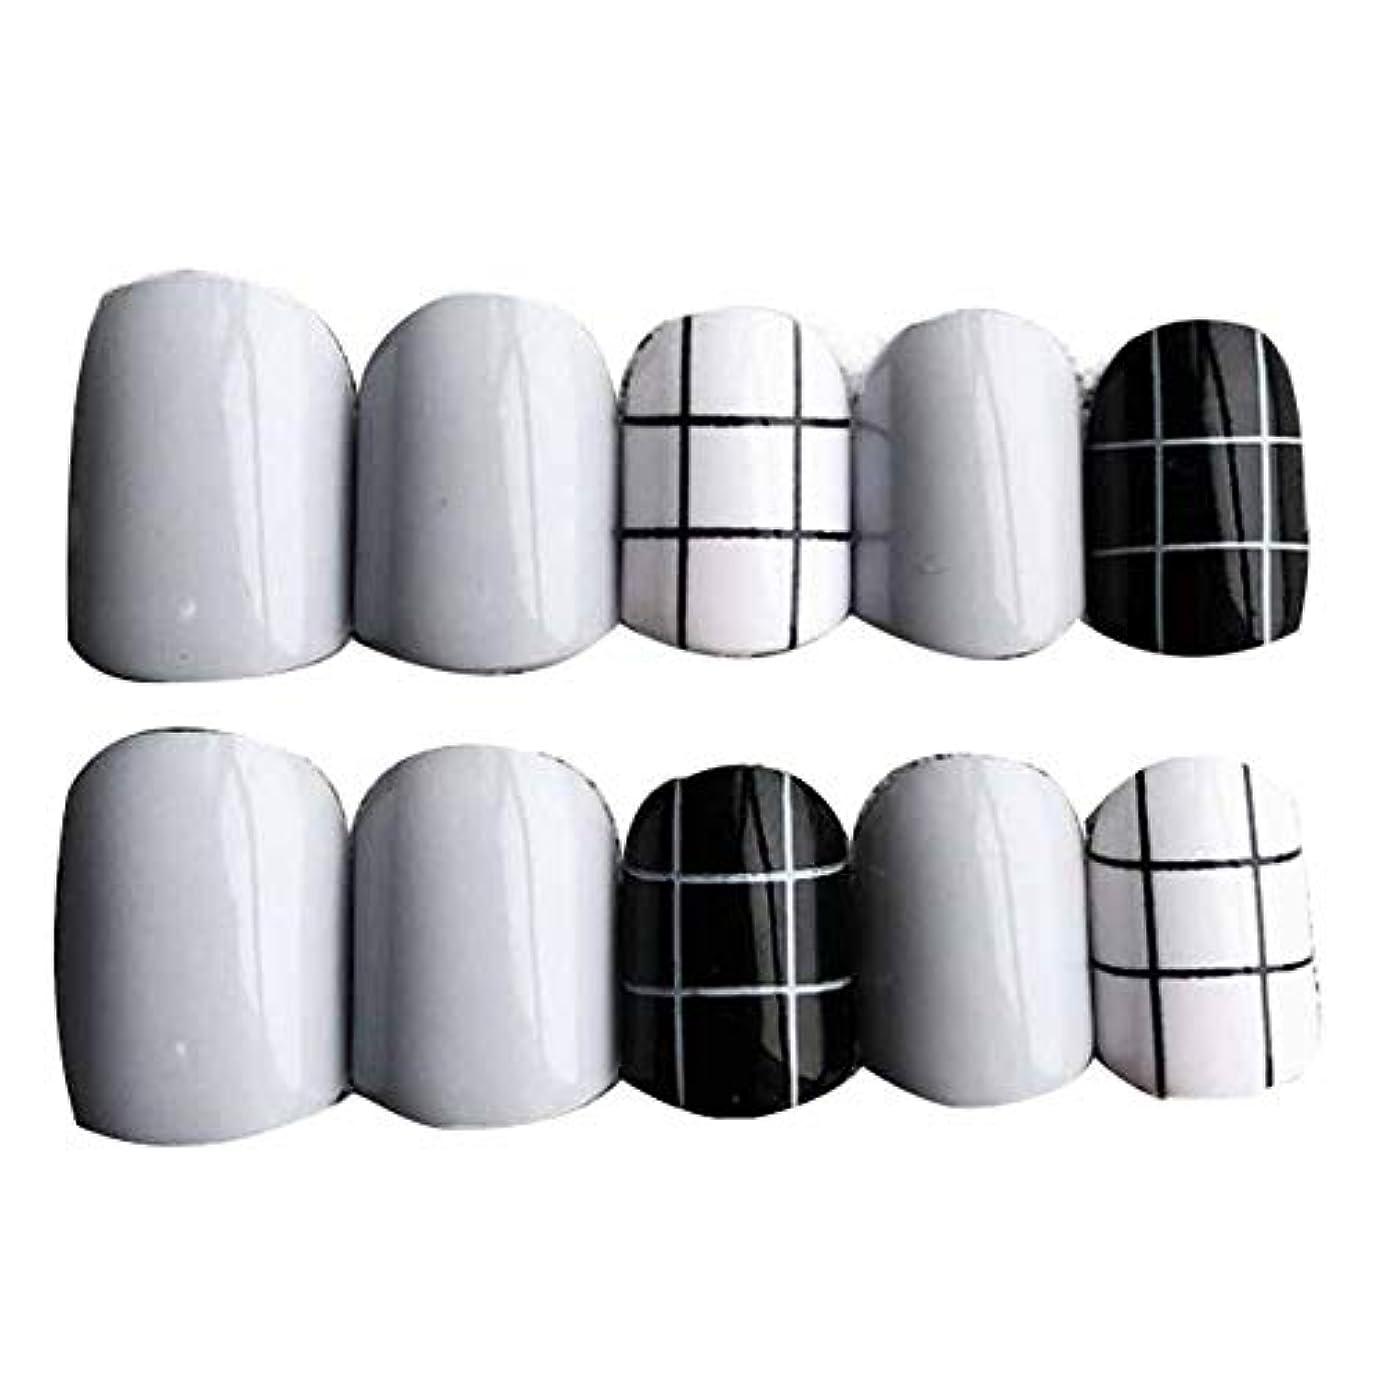 リビジョン汚す繕うグレー/ブラック 丸い偽爪人工偽爪のヒント 装飾